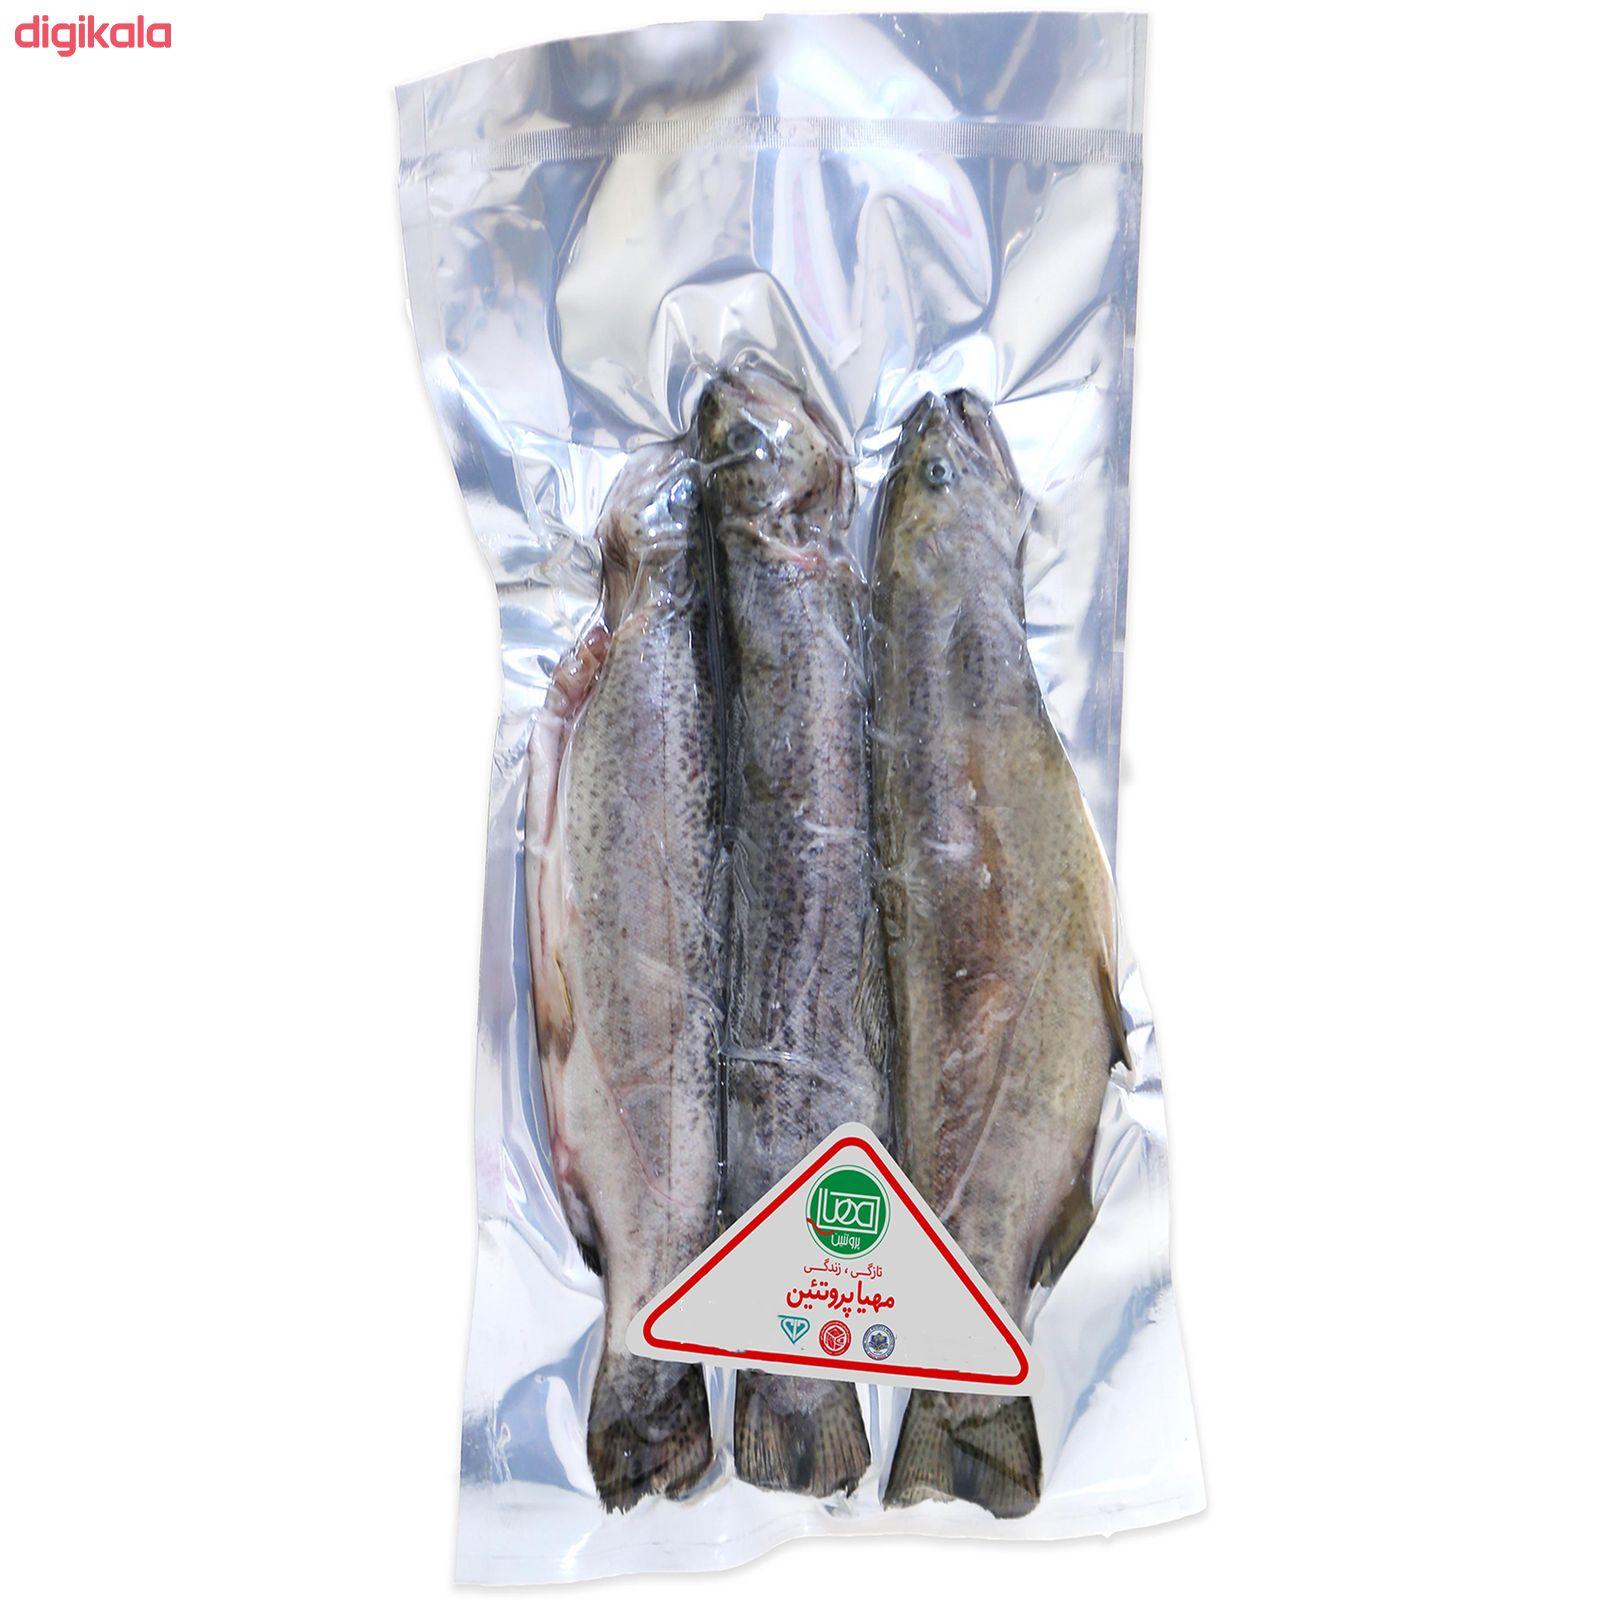 ماهی قزل آلا منجمد شکم خالی مهیا پروتئین - 1 کیلوگرم main 1 1